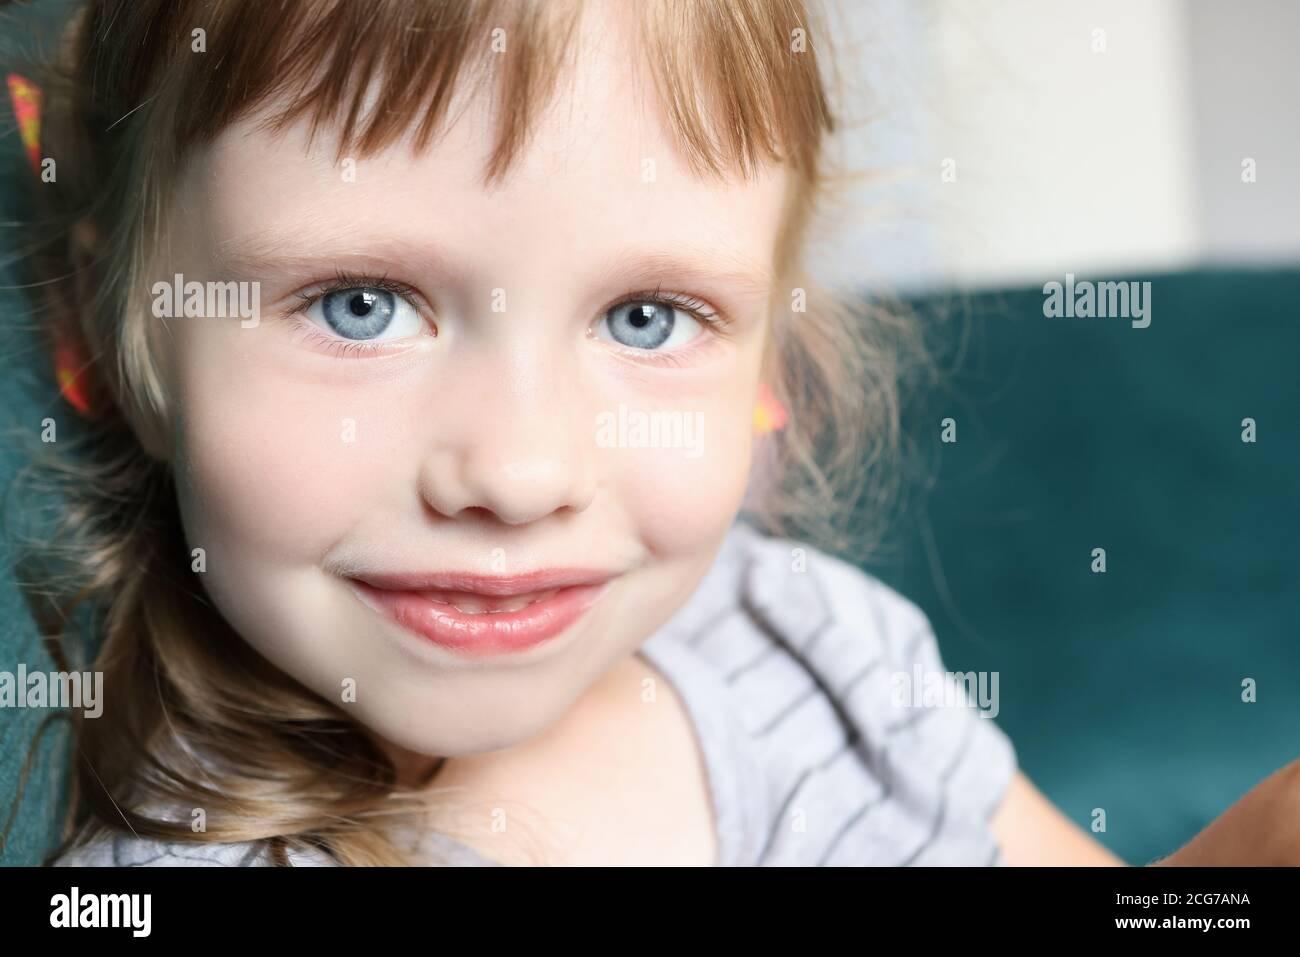 Retrato de niña con ojos azules y una sonrisa leve Foto de stock